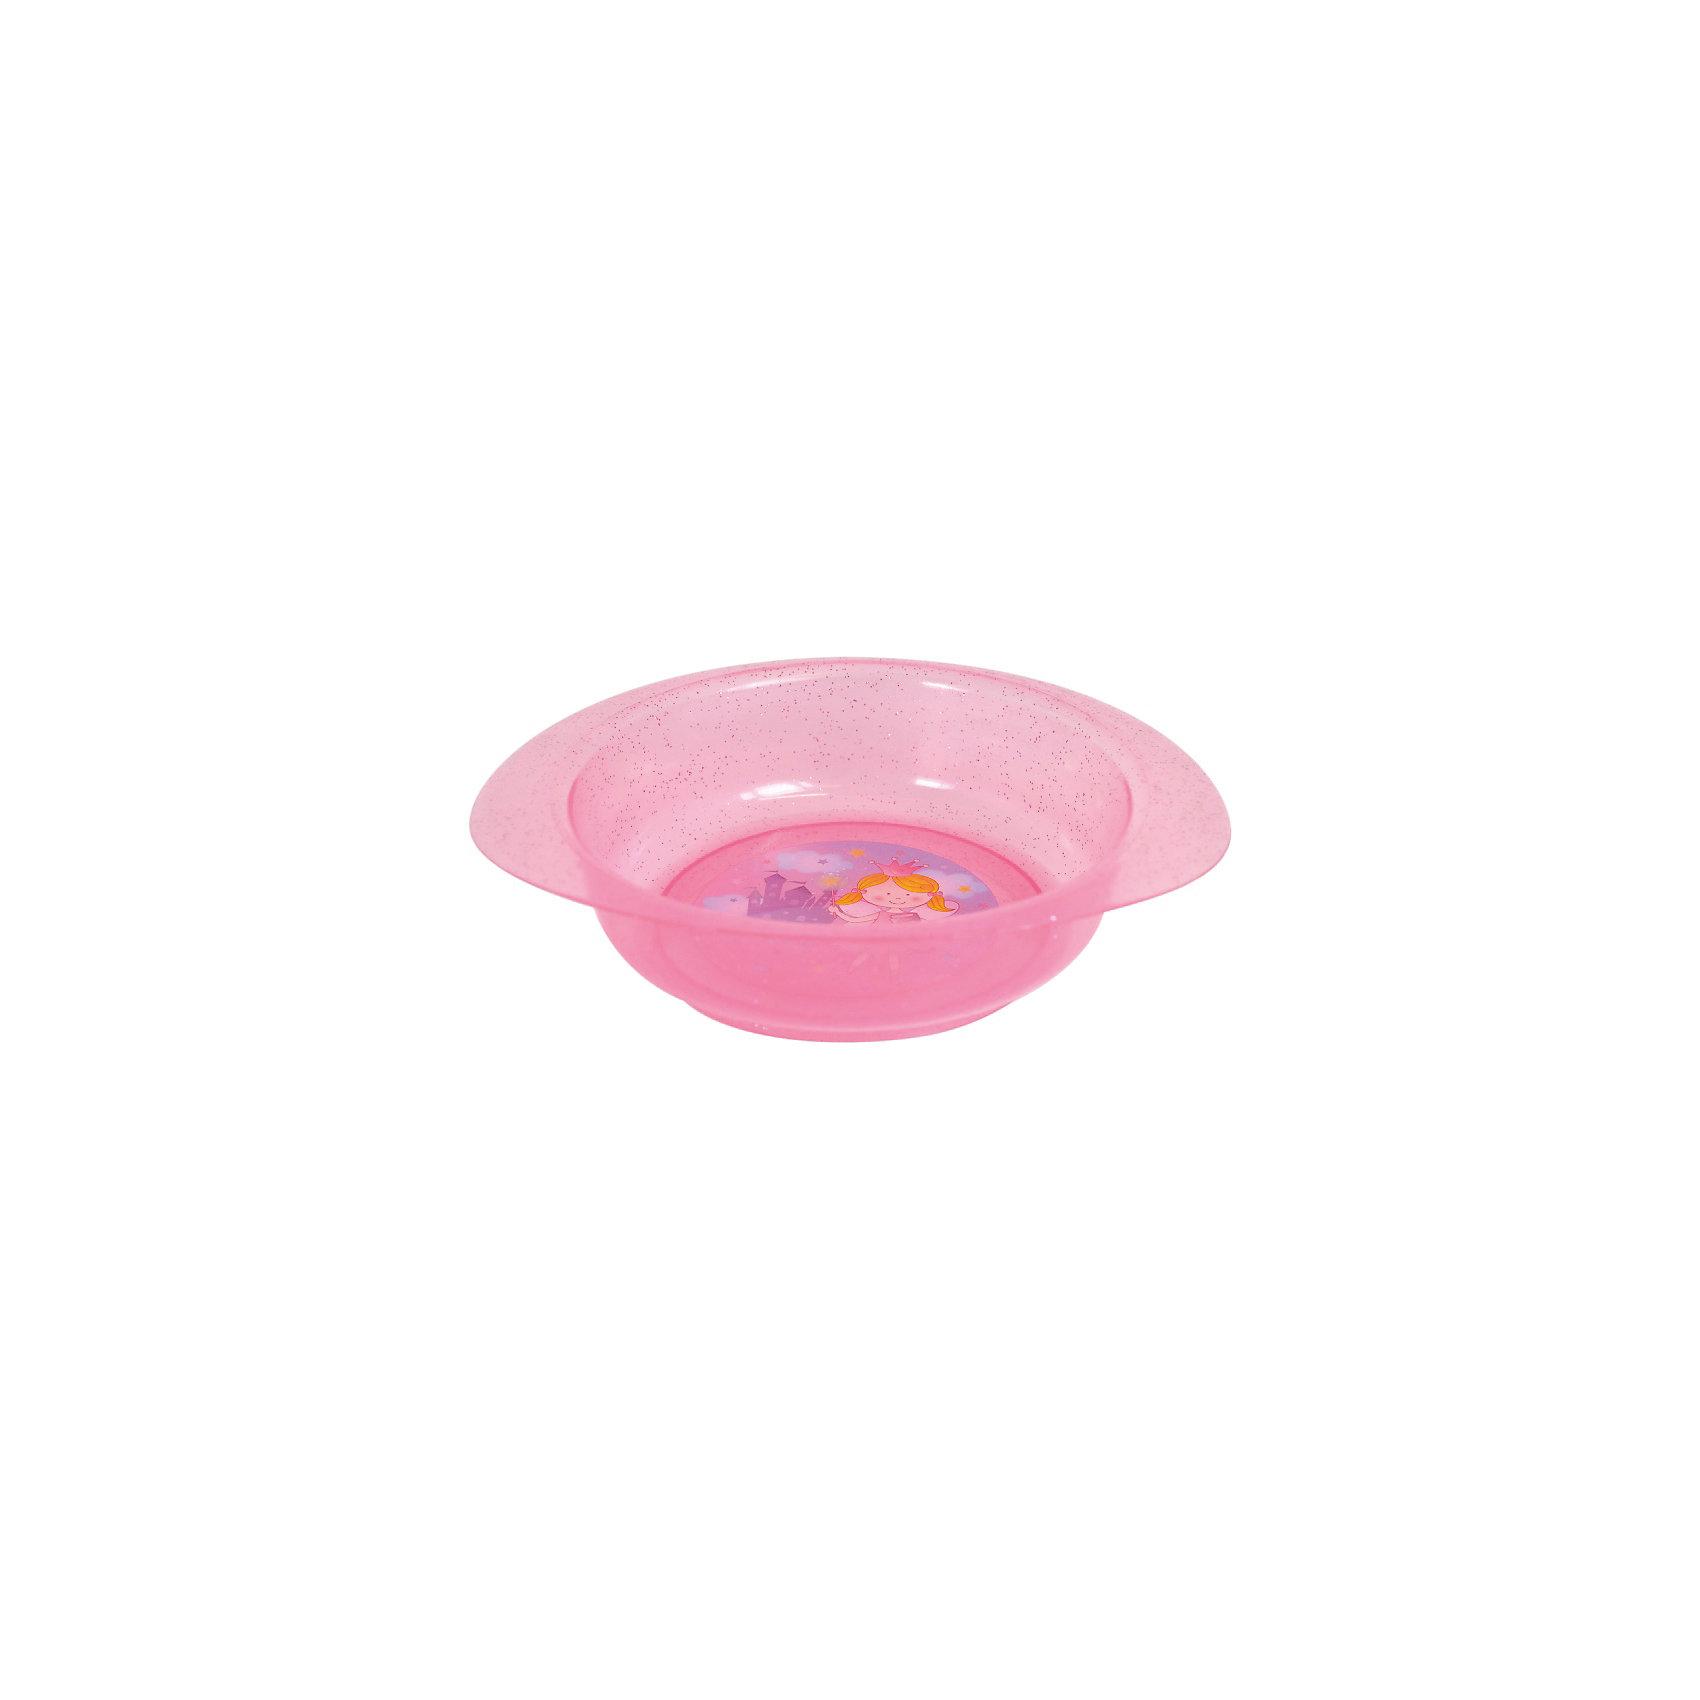 Тарелочка для первых блюд, Kurnosiki, розовыйХарактеристики:<br><br>• Наименование: тарелочка для первых блюд<br>• Материал: пластик<br>• Пол: для девочки<br>• Цвет: розовый<br>• Тематика рисунка: принцесса, замок<br>• Можно использовать как для холодных, так и для горячих блюд<br>• Можно использовать для СВЧ<br>• Удобные ручки с антискользящей поверхностью<br>• Декорирована блестками<br>• Вес: 50 г<br>• Параметры (Д*Ш*В): 24*21*5 см <br>• Особенности ухода: разрешается мыть в посудомоечной машине<br><br>Тарелочка для первых блюд, Kurnosiki, фиолетовый выполнена из безопасного и ударопрочного пластика, по бокам имеются литые нескользящие ручки. <br><br>Тарелочка для первых блюд, Kurnosiki, фиолетовый выполнена в ярком дизайне: дно оформлено сюжетной картинкой принцессы на фоне замка, весь корпус декорирован блестками. Рисунок устойчив к выцветанию и истиранию. Тарелочка для первых блюд от Курносиков позволит без труда накормить даже самых непоседливых маленьких принцесс!<br><br>Тарелочку для первых блюд, Kurnosiki, фиолетовый можно купить в нашем интернет-магазине.<br><br>Ширина мм: 70<br>Глубина мм: 100<br>Высота мм: 190<br>Вес г: 85<br>Возраст от месяцев: 4<br>Возраст до месяцев: 36<br>Пол: Женский<br>Возраст: Детский<br>SKU: 5428720